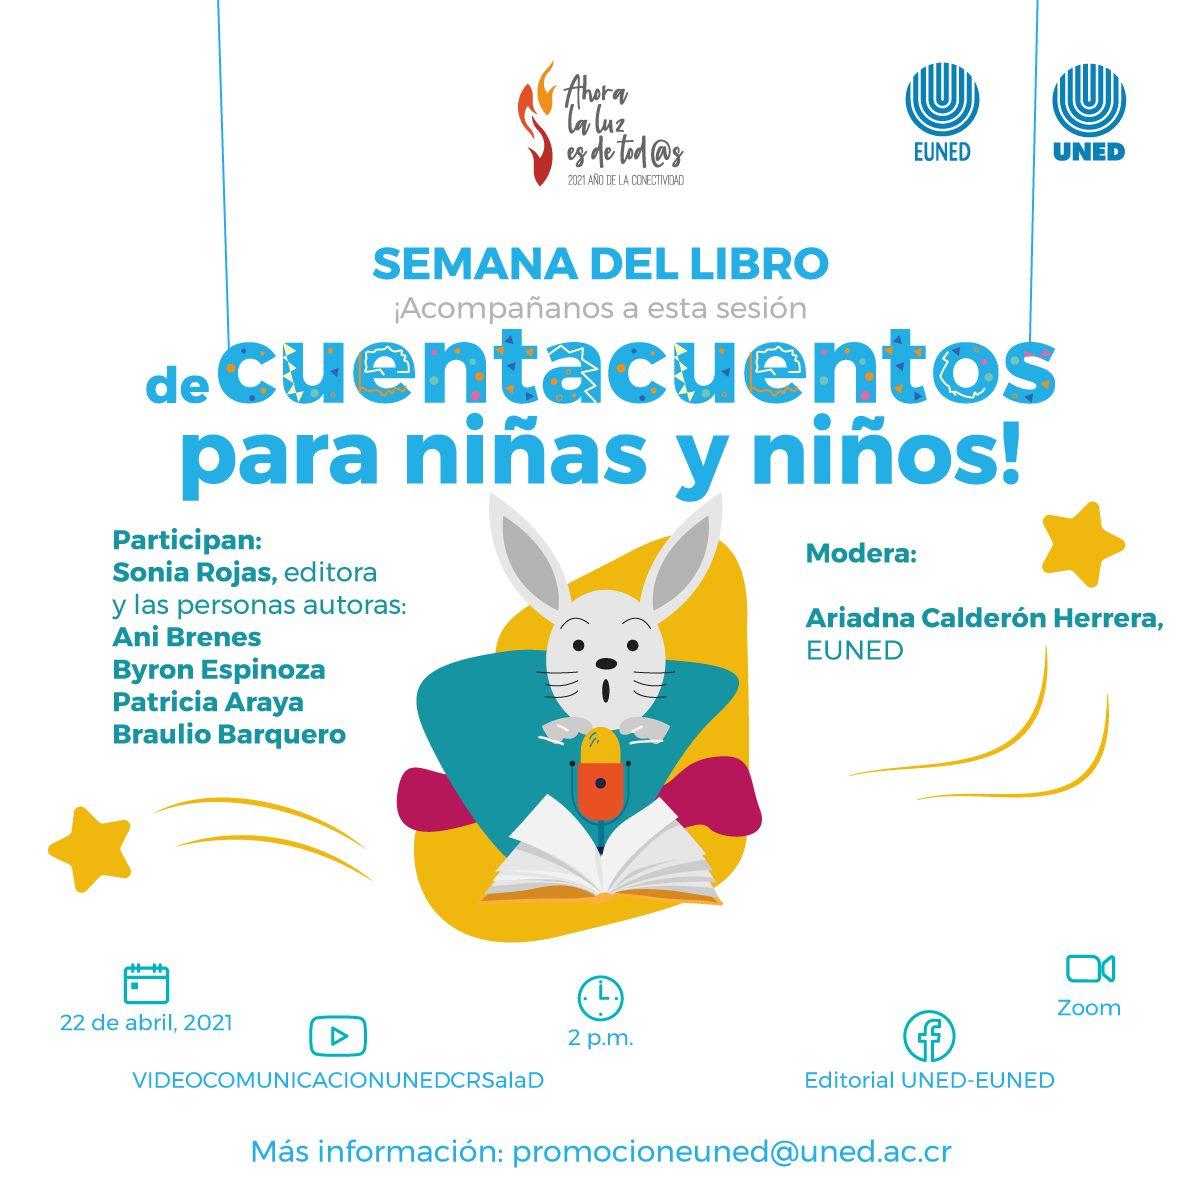 Sesión de cuentacuentos para niñas y niños